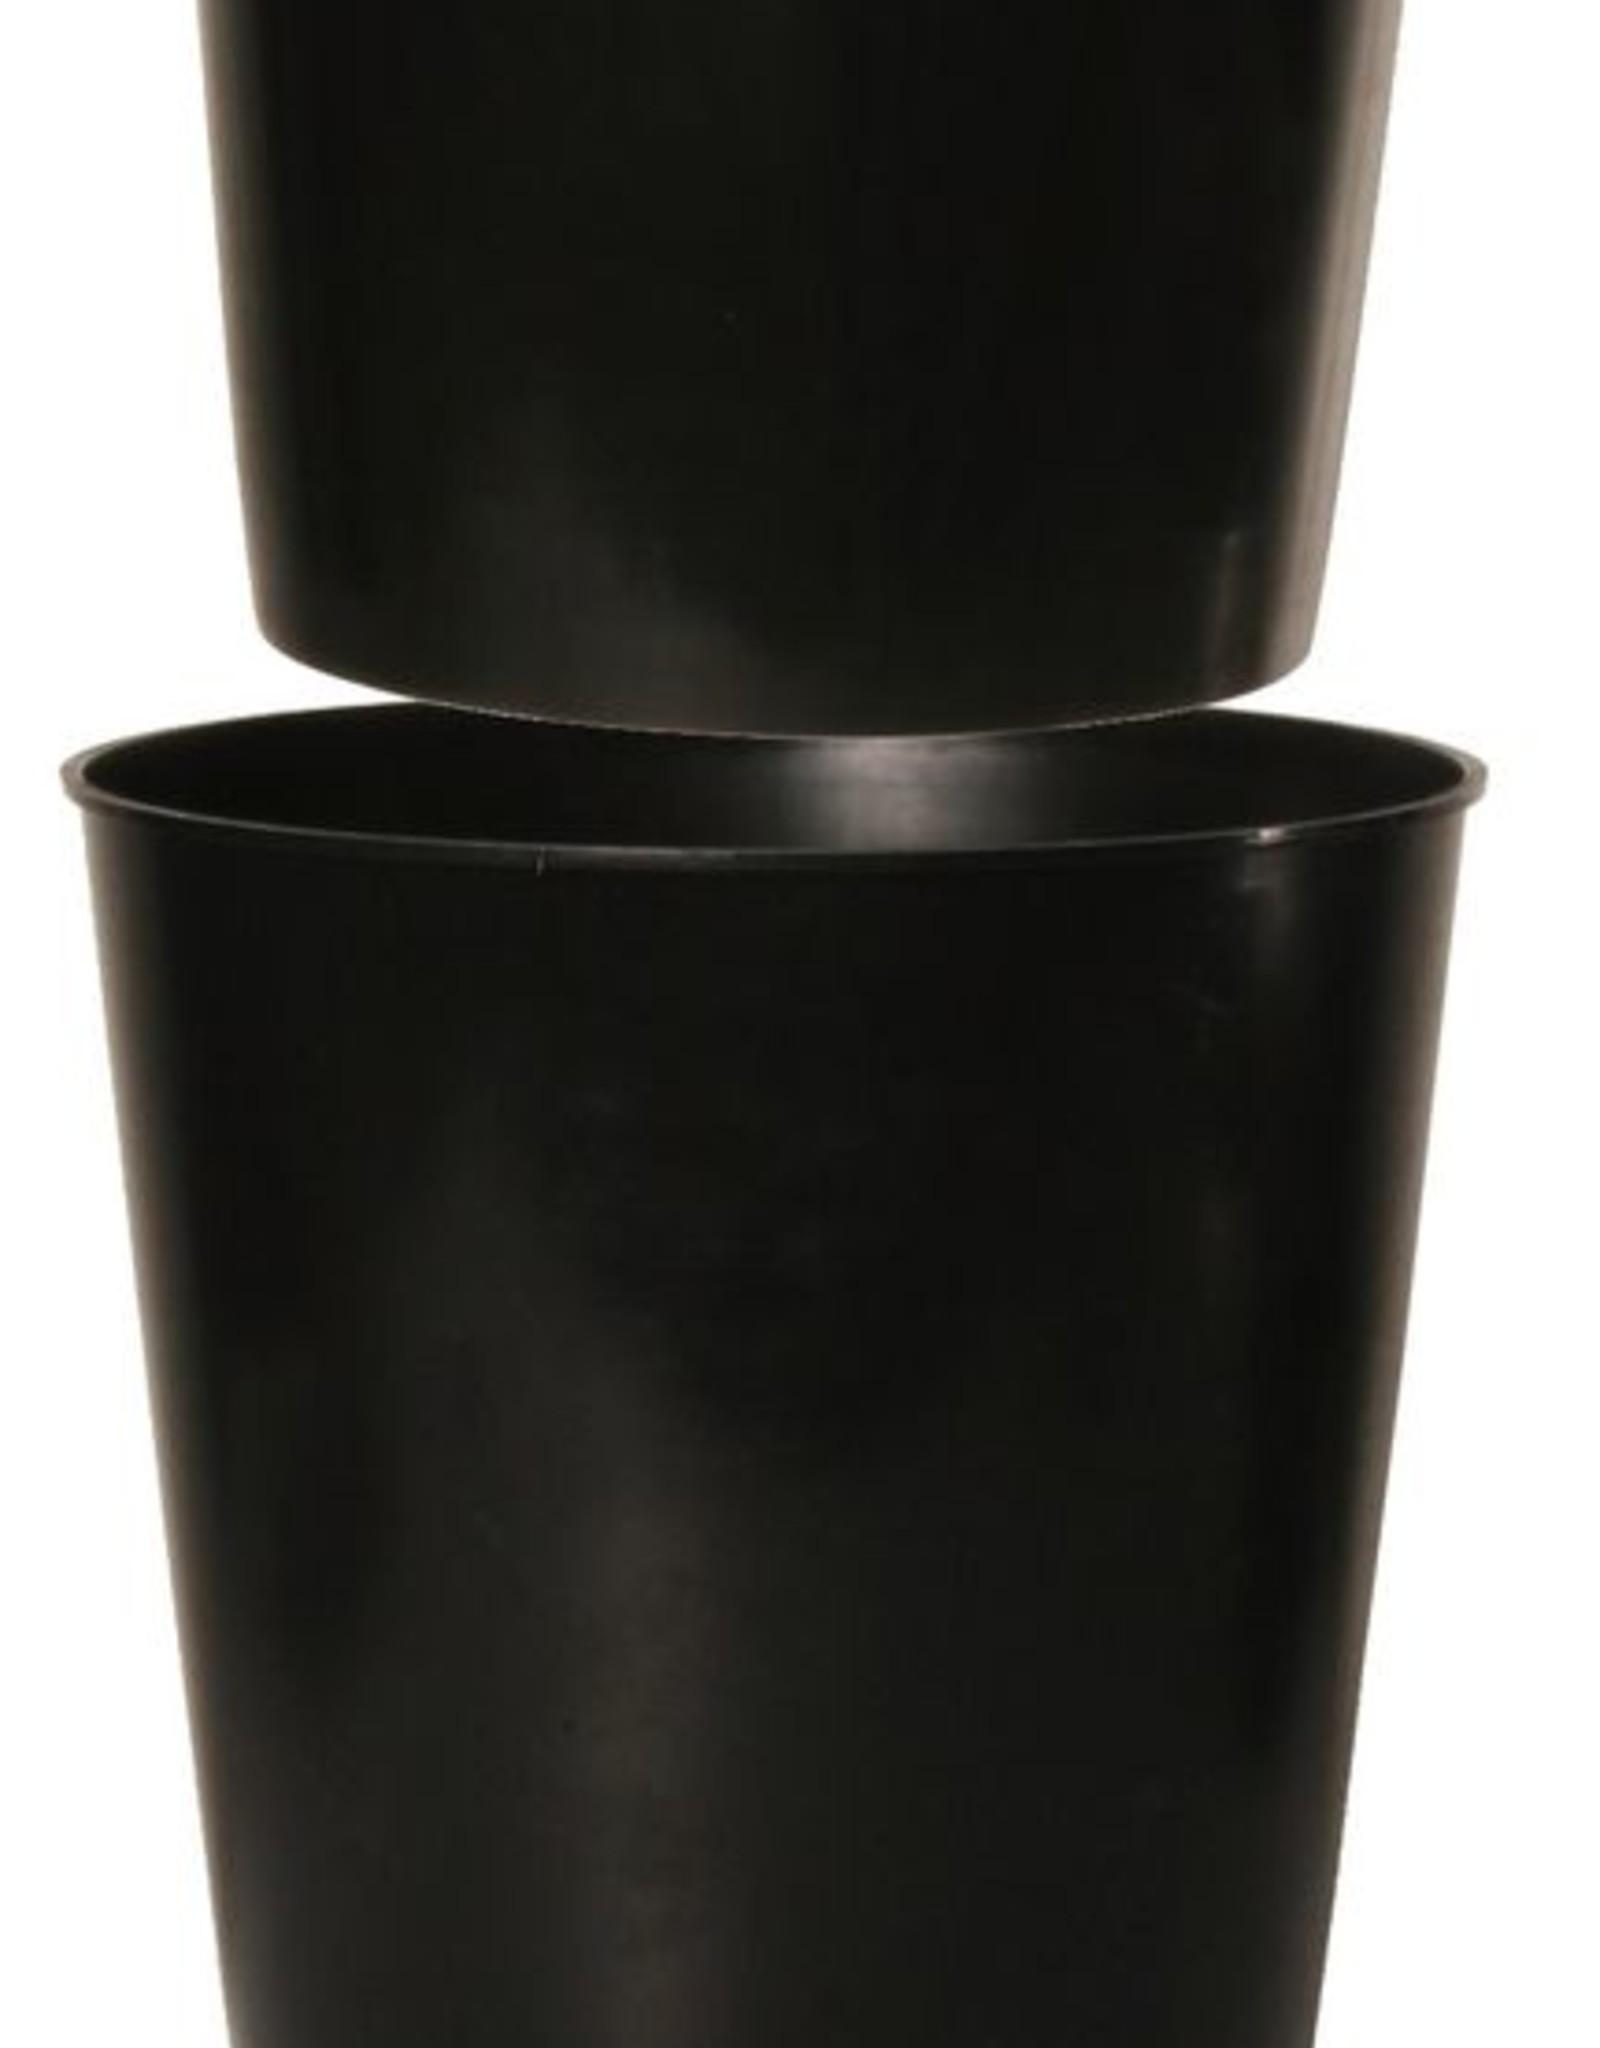 ACTIVE AQUA Grow Flow Expansion Kit, 6 pot, 2 Gal